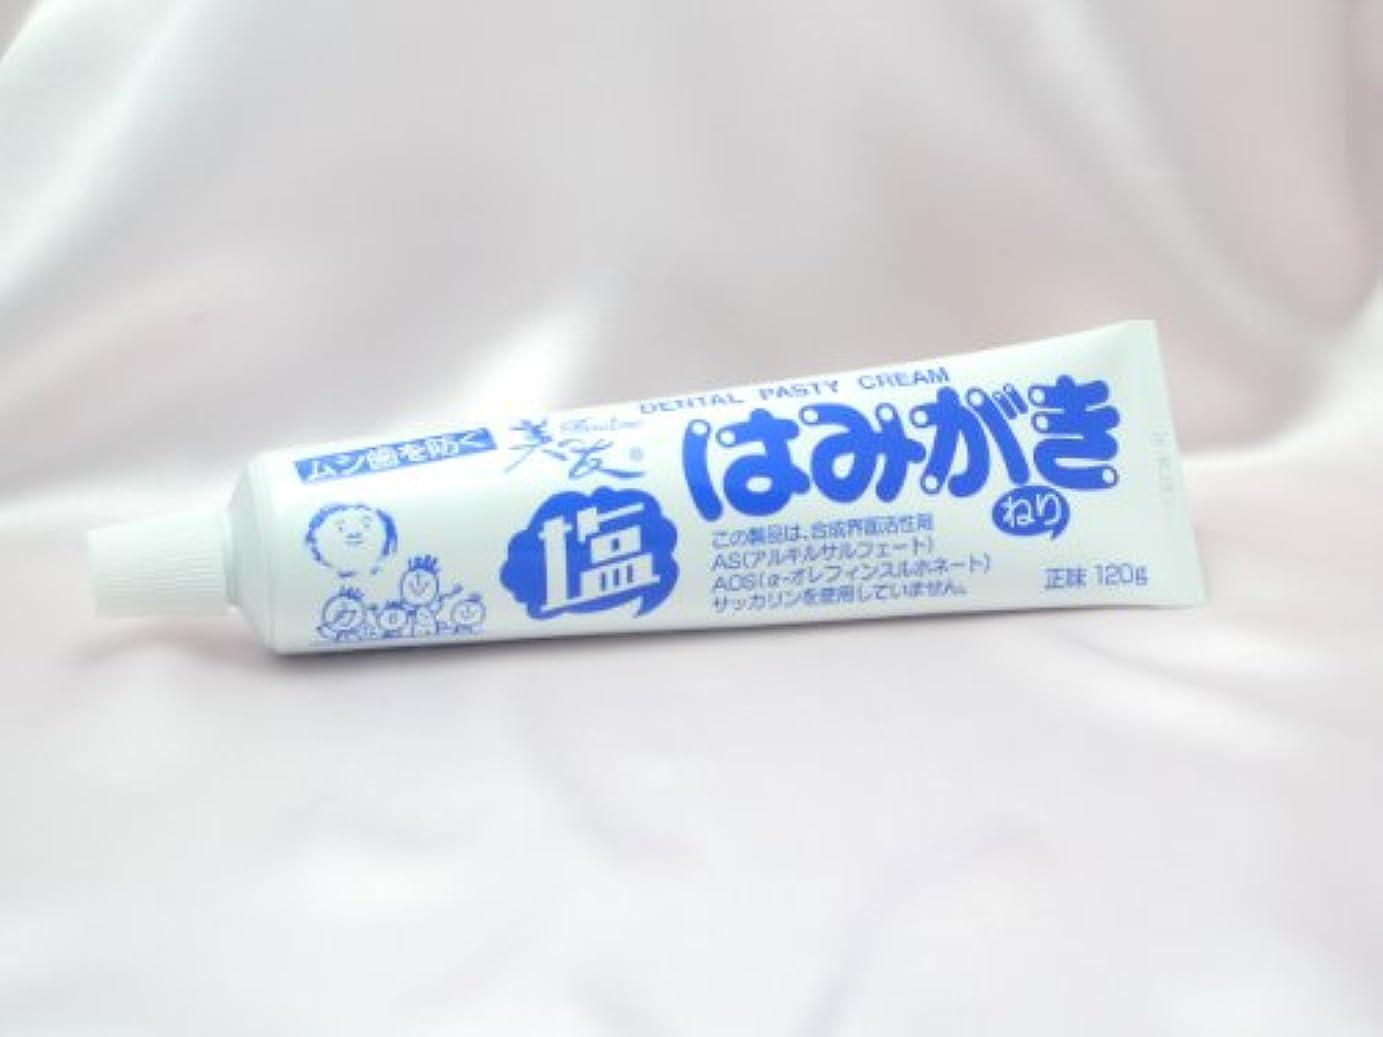 ブルゴーニュペレットドック【不動化学】塩はみがき120gお得用3本セット